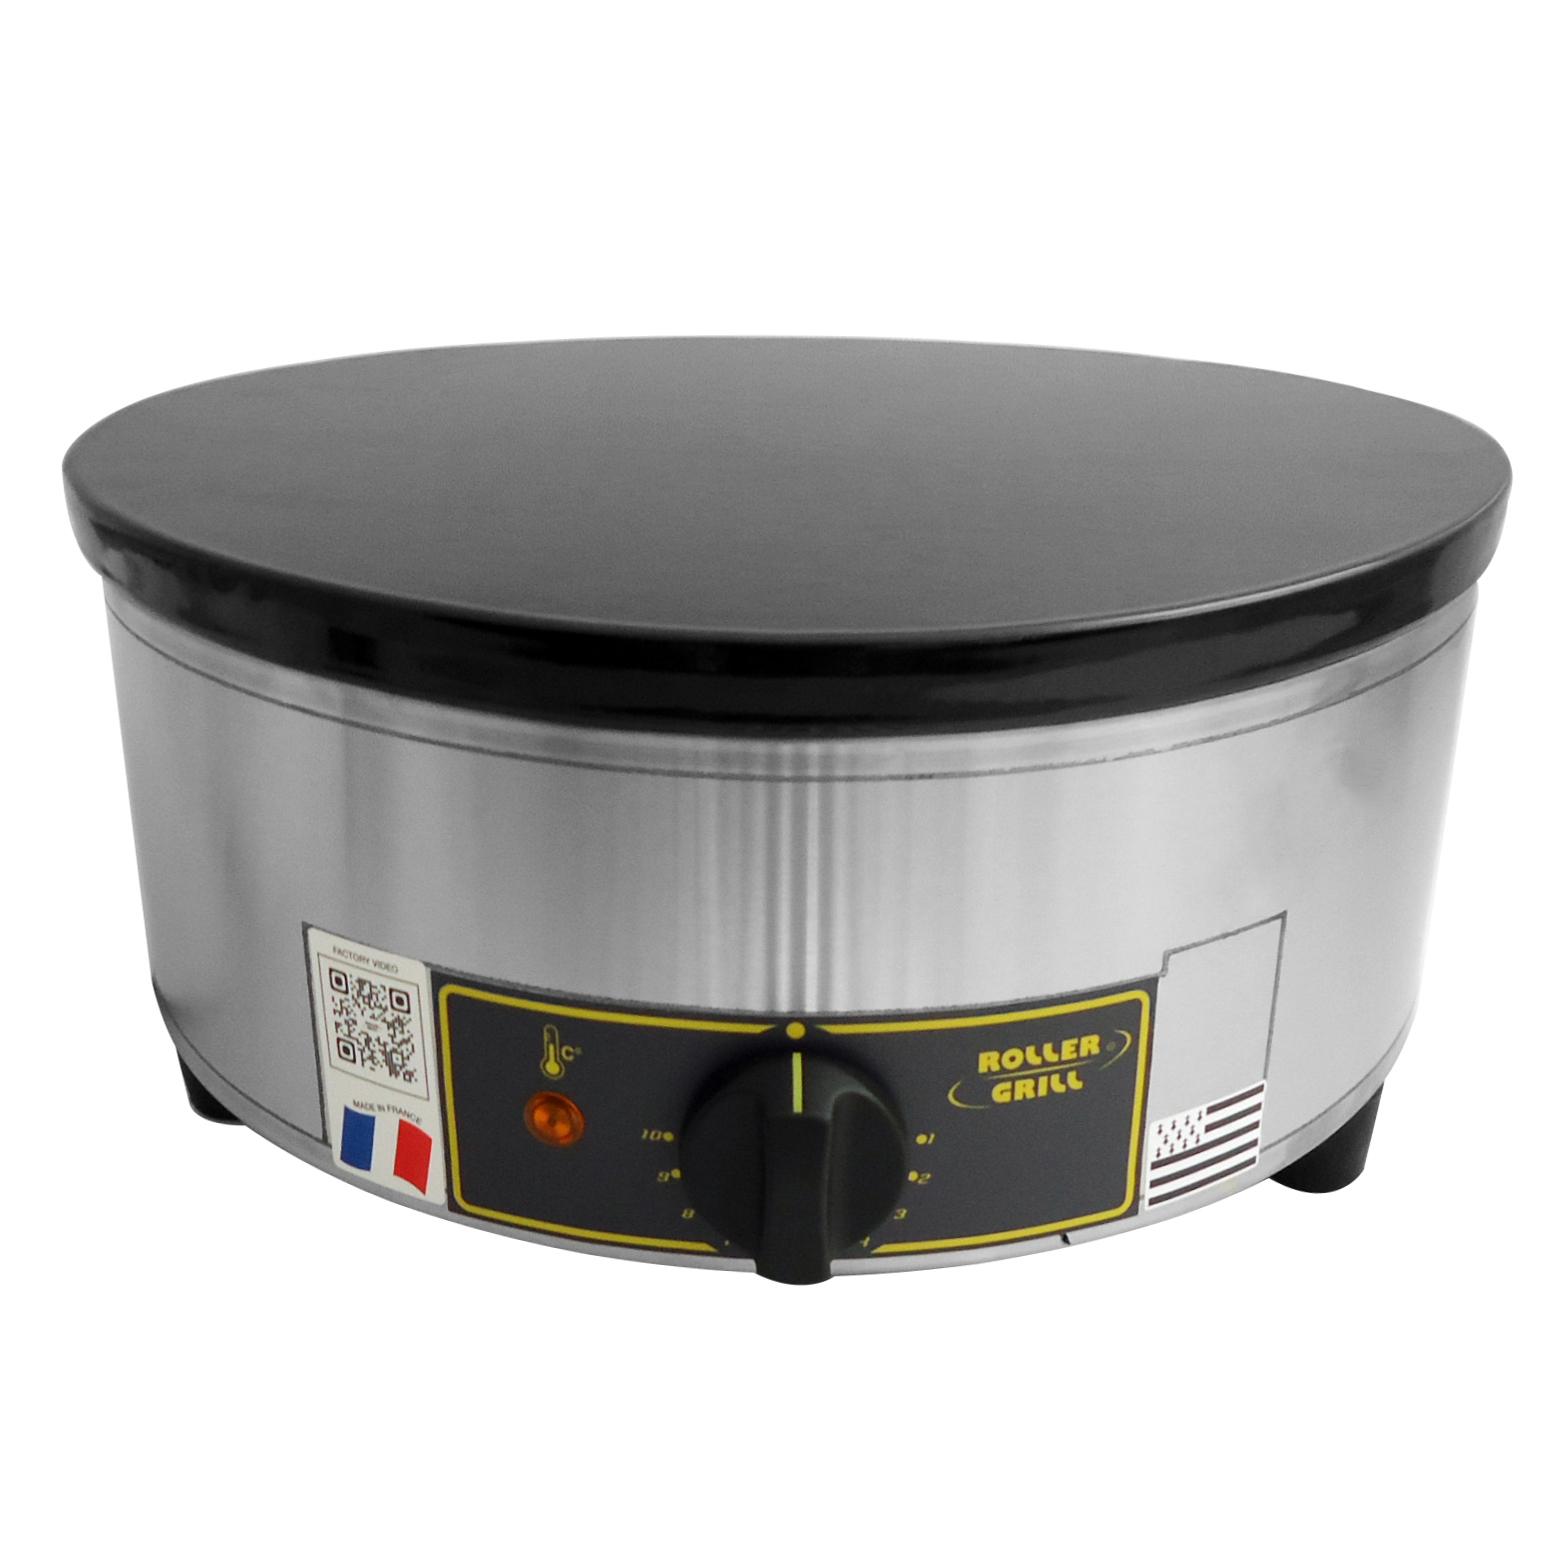 ROLLER GRILL CFE400 Κρεπιέρα Ηλεκτρική Μονή Ø400mm black week προσφορές   κρεπιέρες  επαγγελματικός εξοπλισμός   φούρνοι μικροκύματ